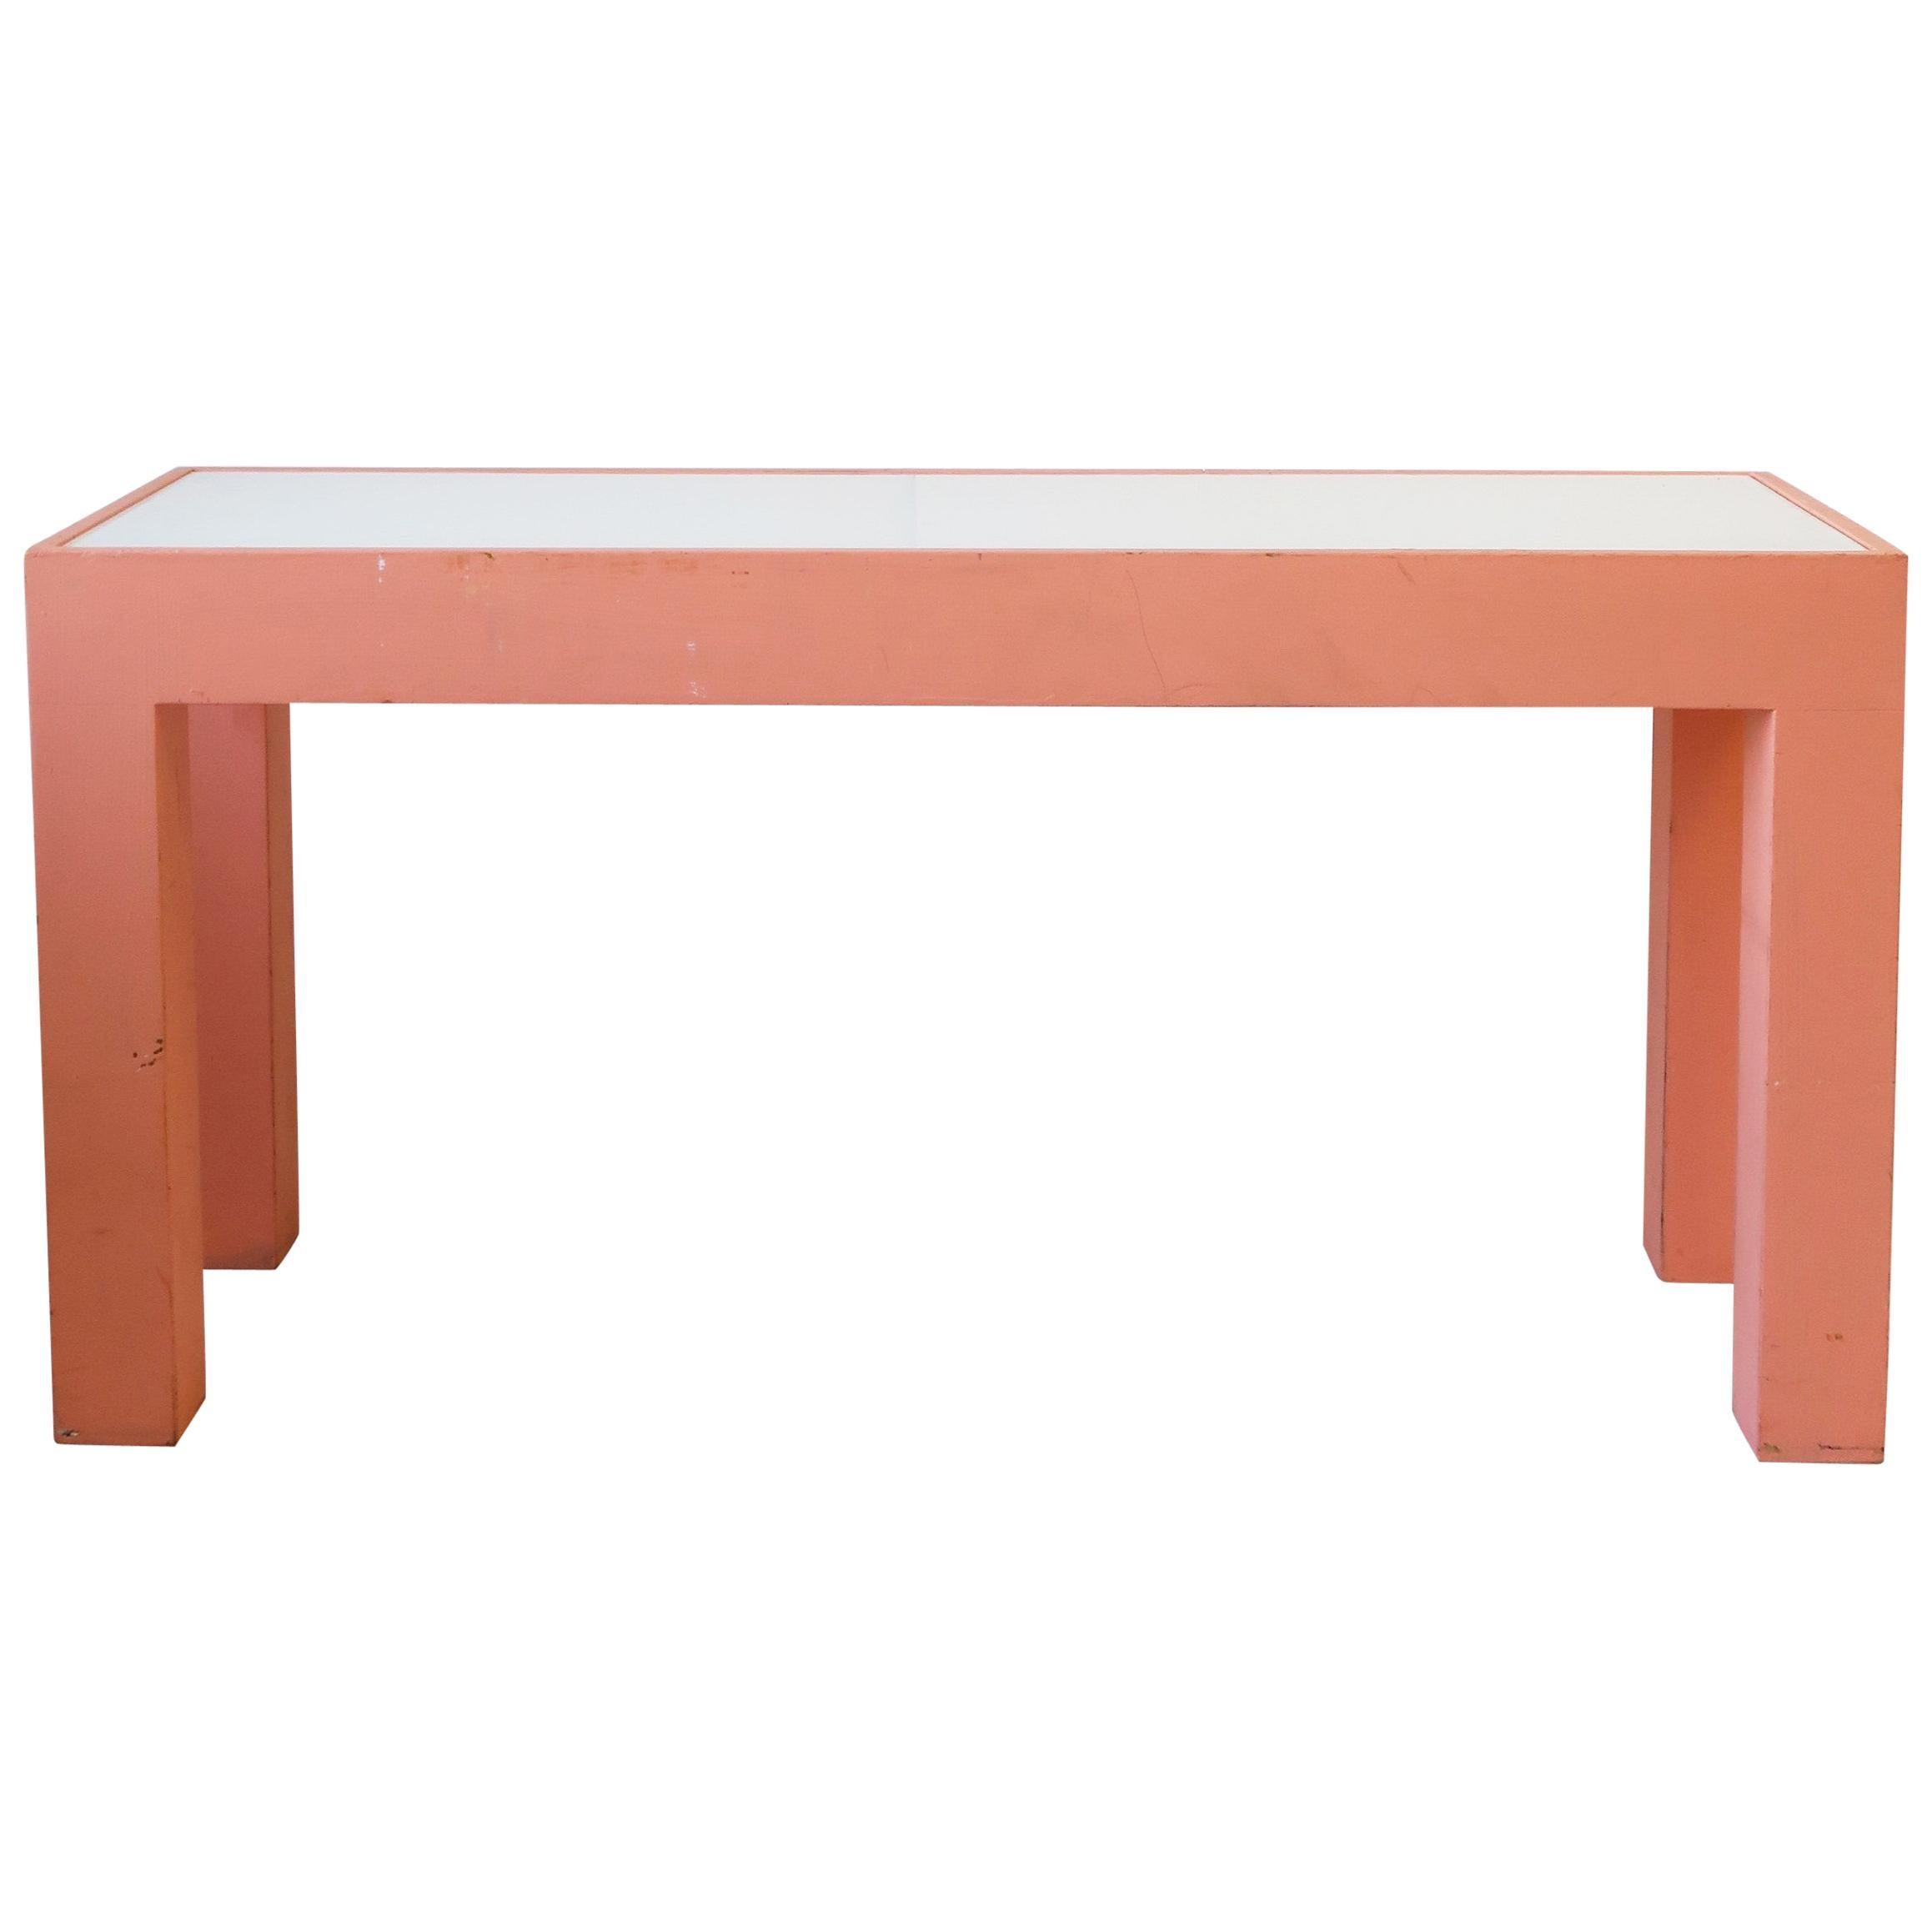 Modern Table or Bench-Shelf, circa 1980s